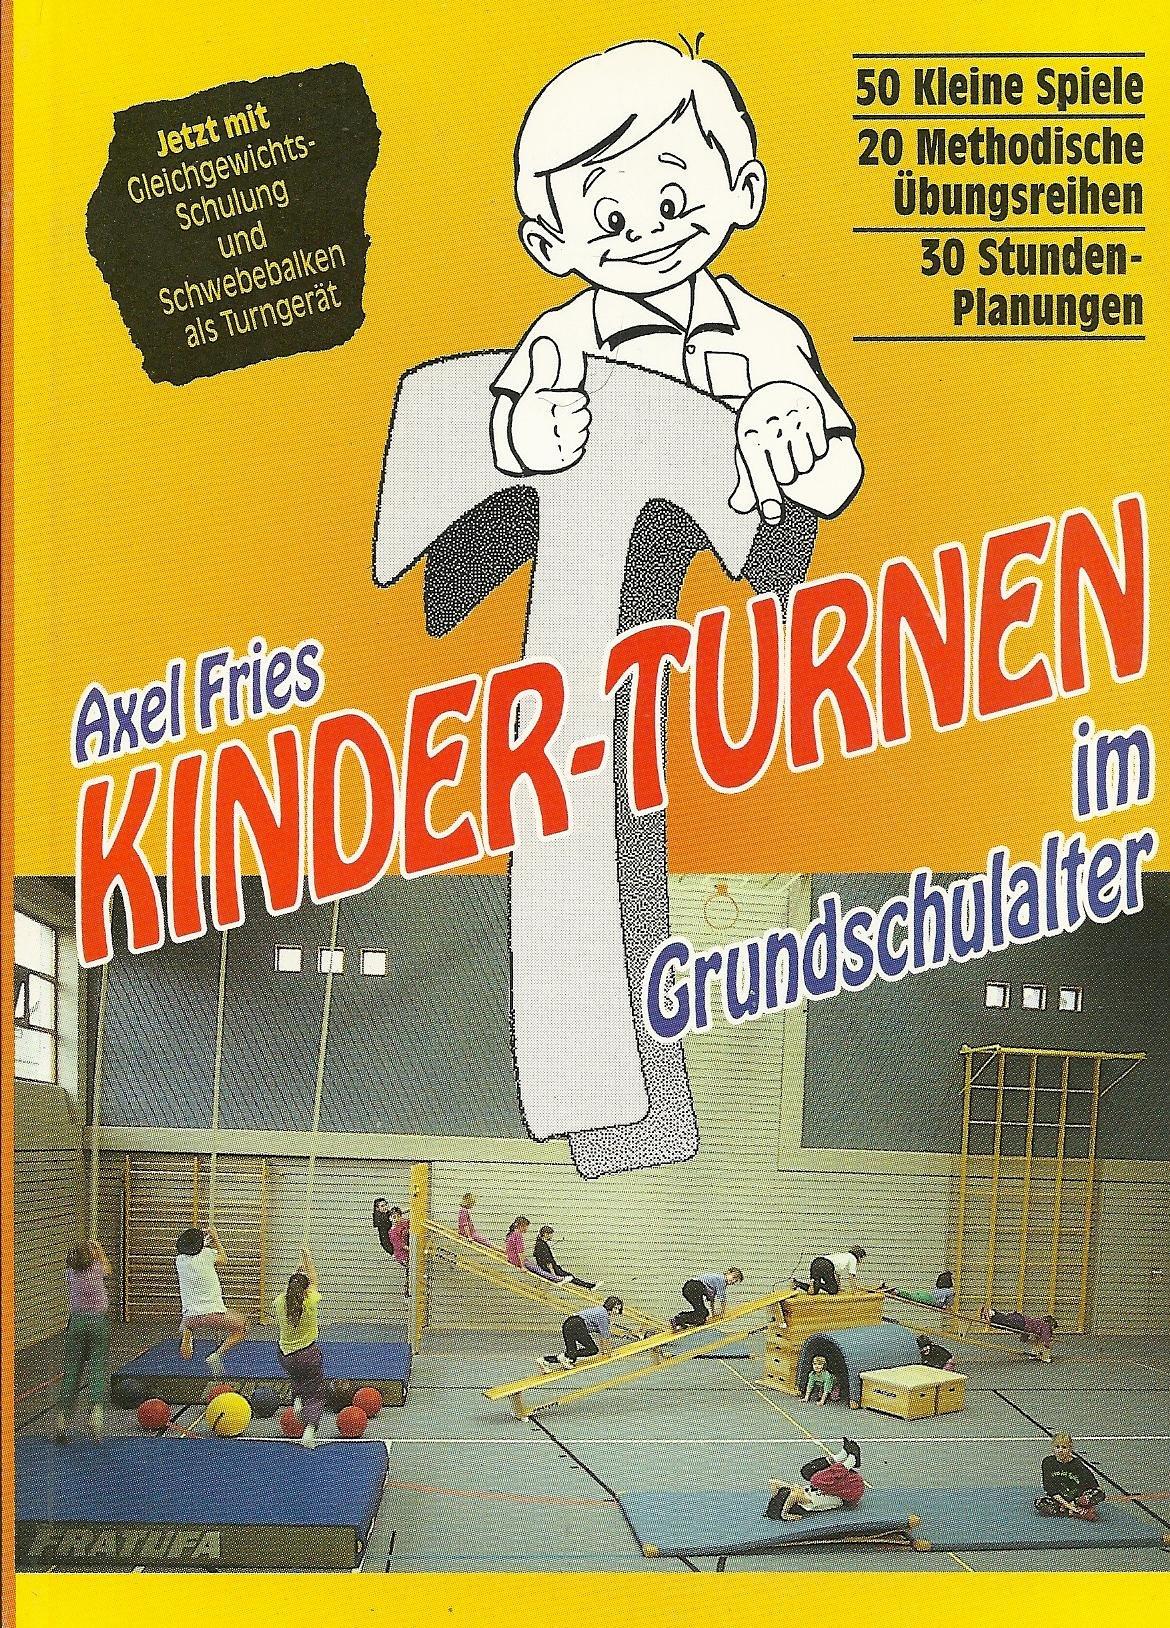 Kinderturnen im Grundschulalter